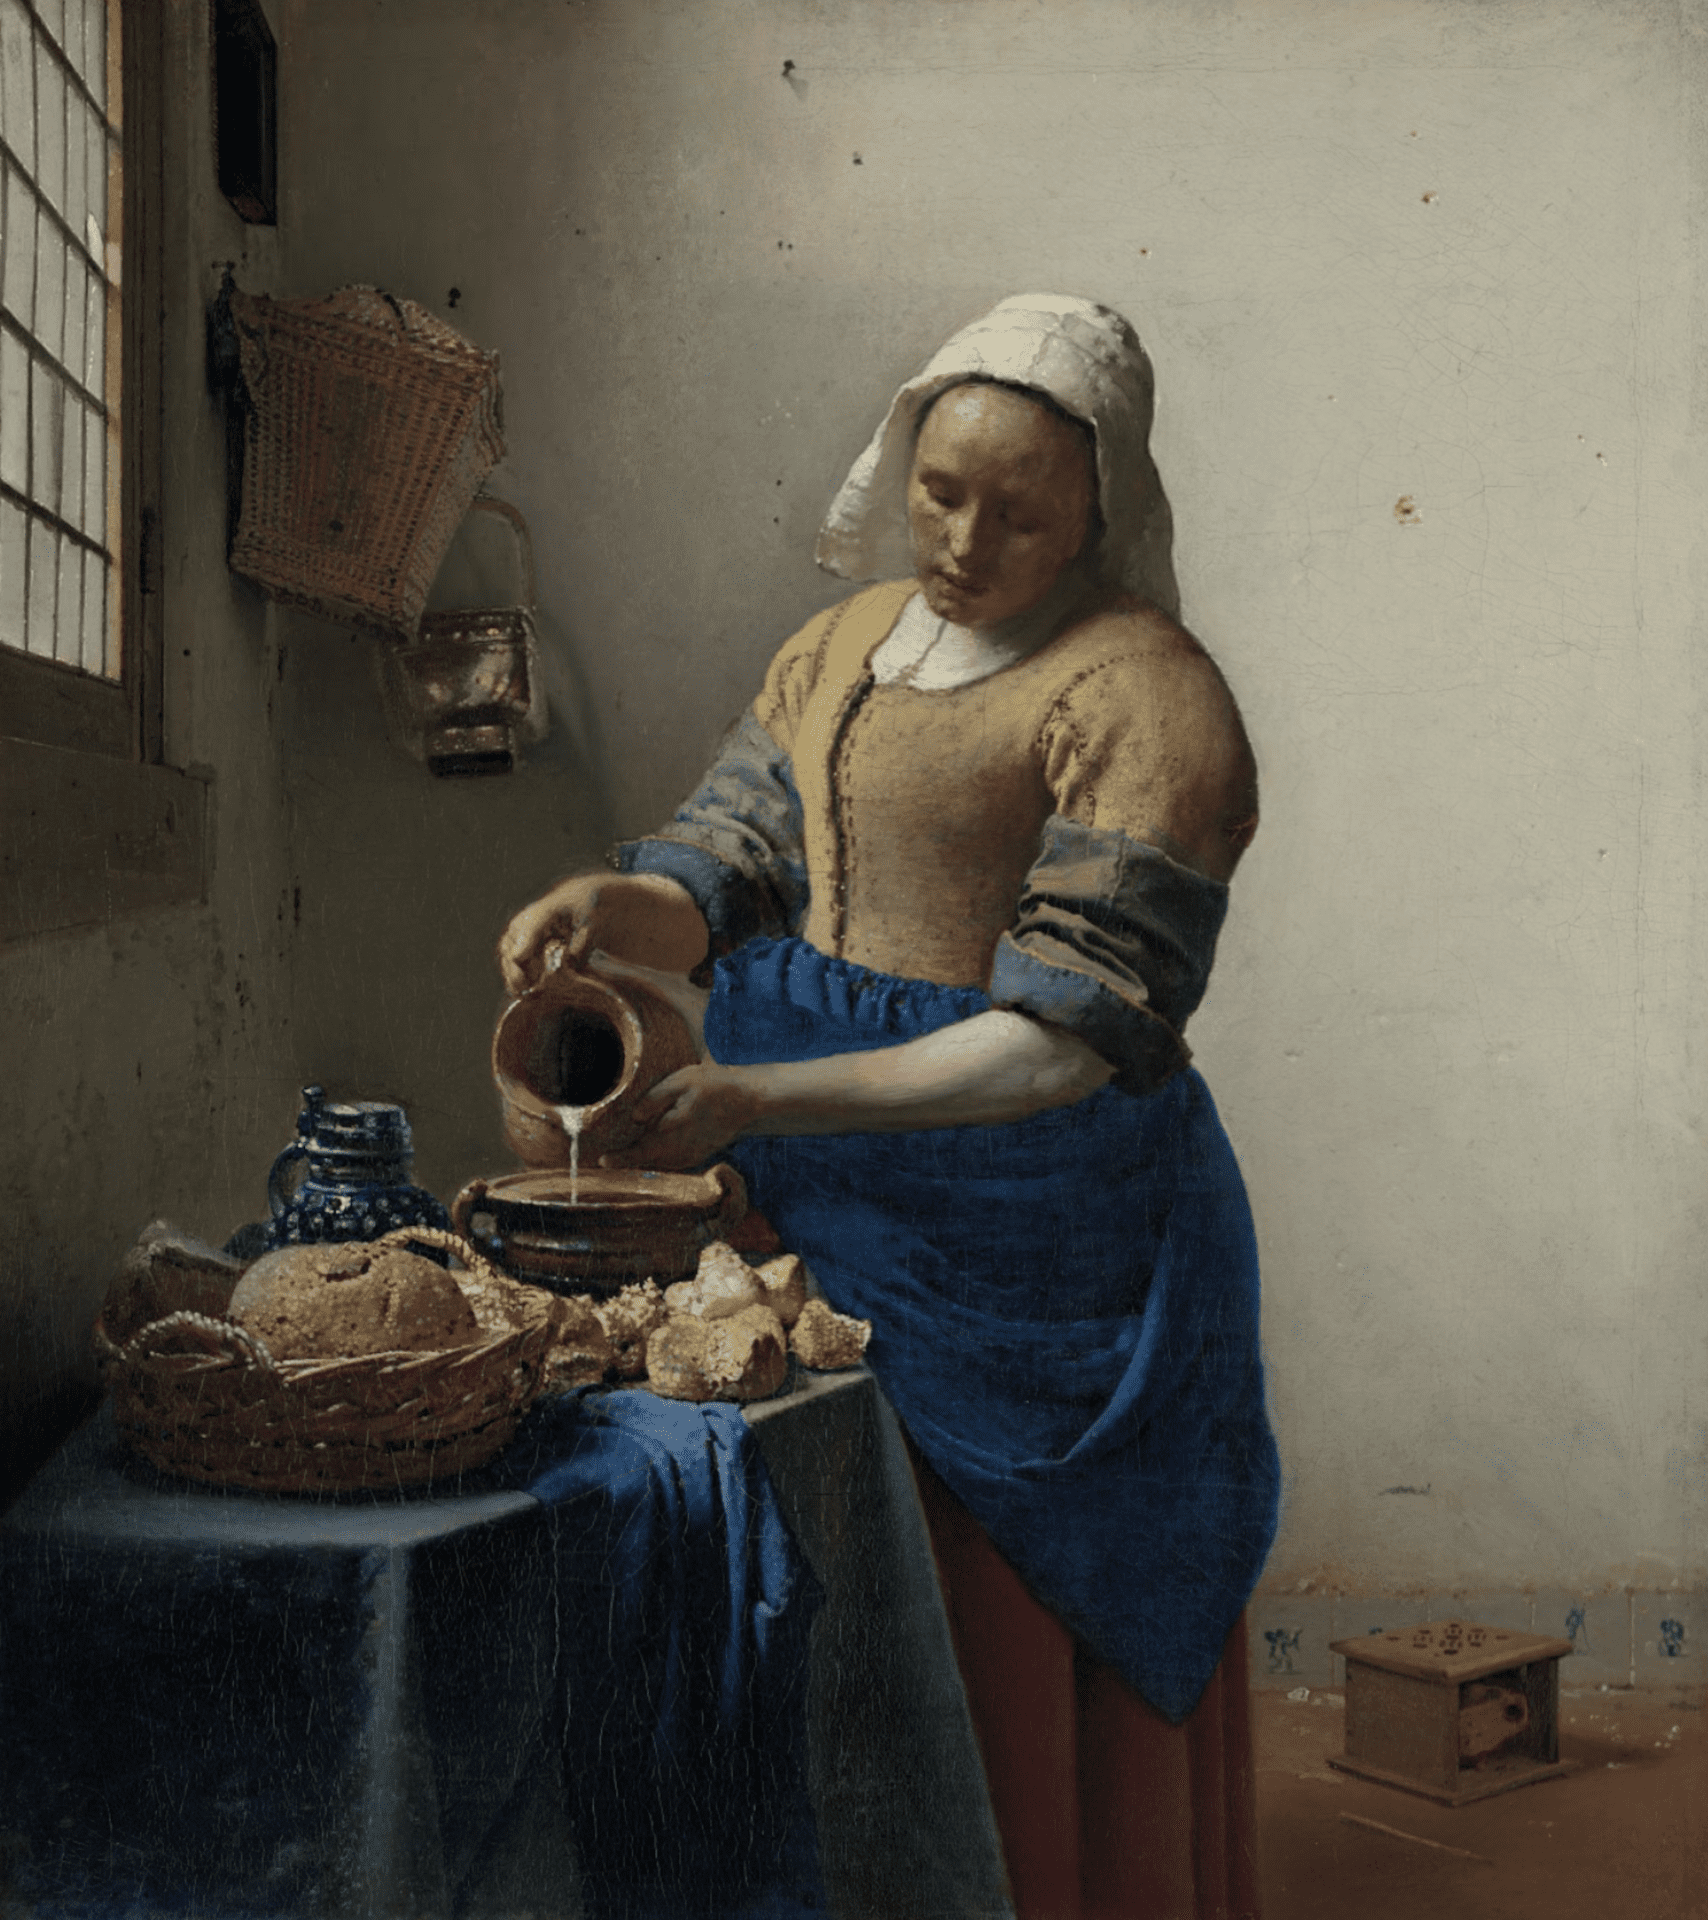 Le Rijksmuseum met à disposition 709 000 œuvres gratuitement en HD ! (vidéo sur Bidfoly.com) Par Maxime Delmas Musee-rijksmuseum-oeuvres-2-1-1708x1920